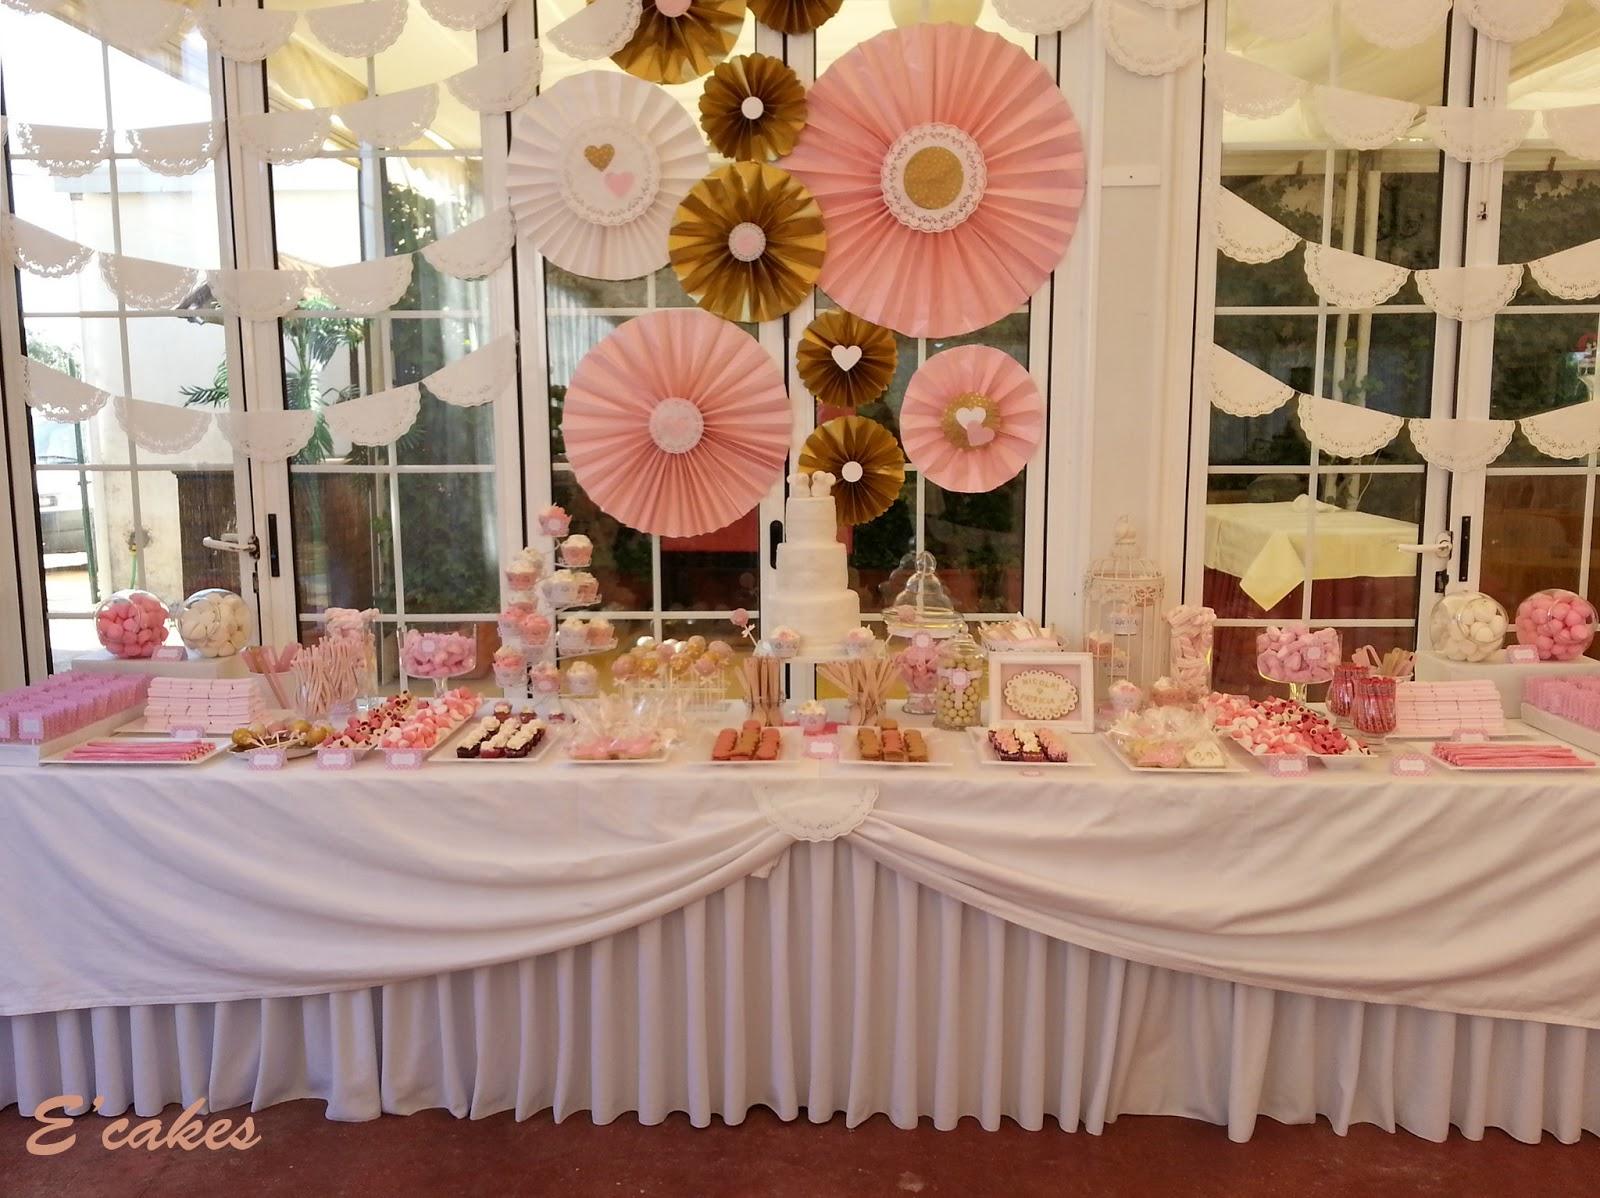 Harina y huevo junio 2013 for Mesa de dulces para boda